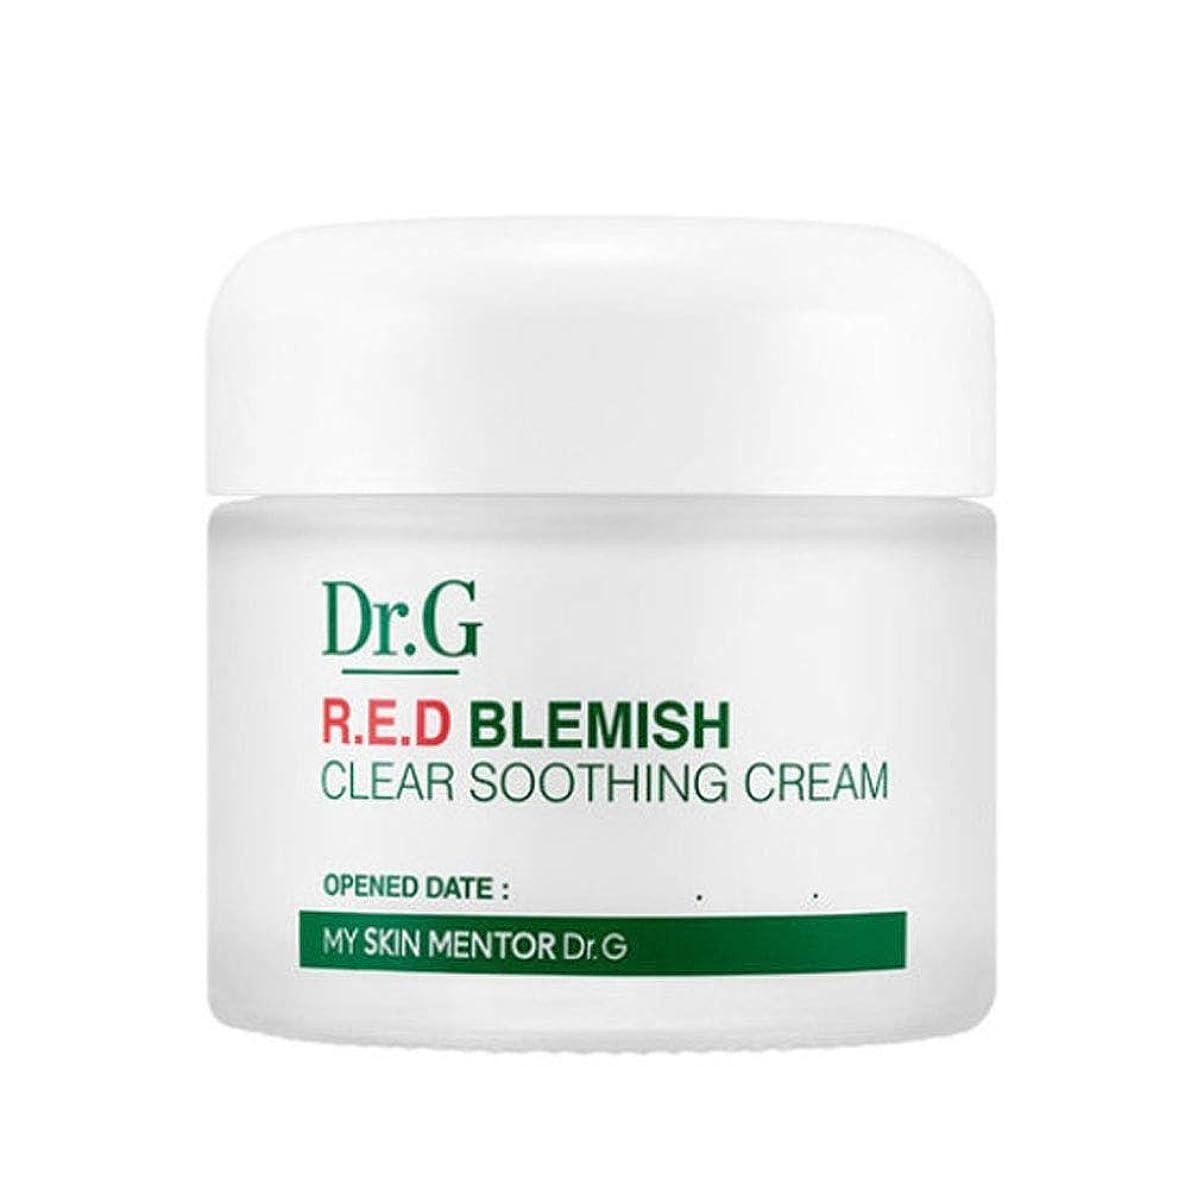 トリッキー平凡コロニードクターGレッドブレミッシュクリアスージングクリーム70ml水分クリーム、Dr.G Red Blemish Clear Soothing Cream 70ml Moisturizing Cream [並行輸入品]